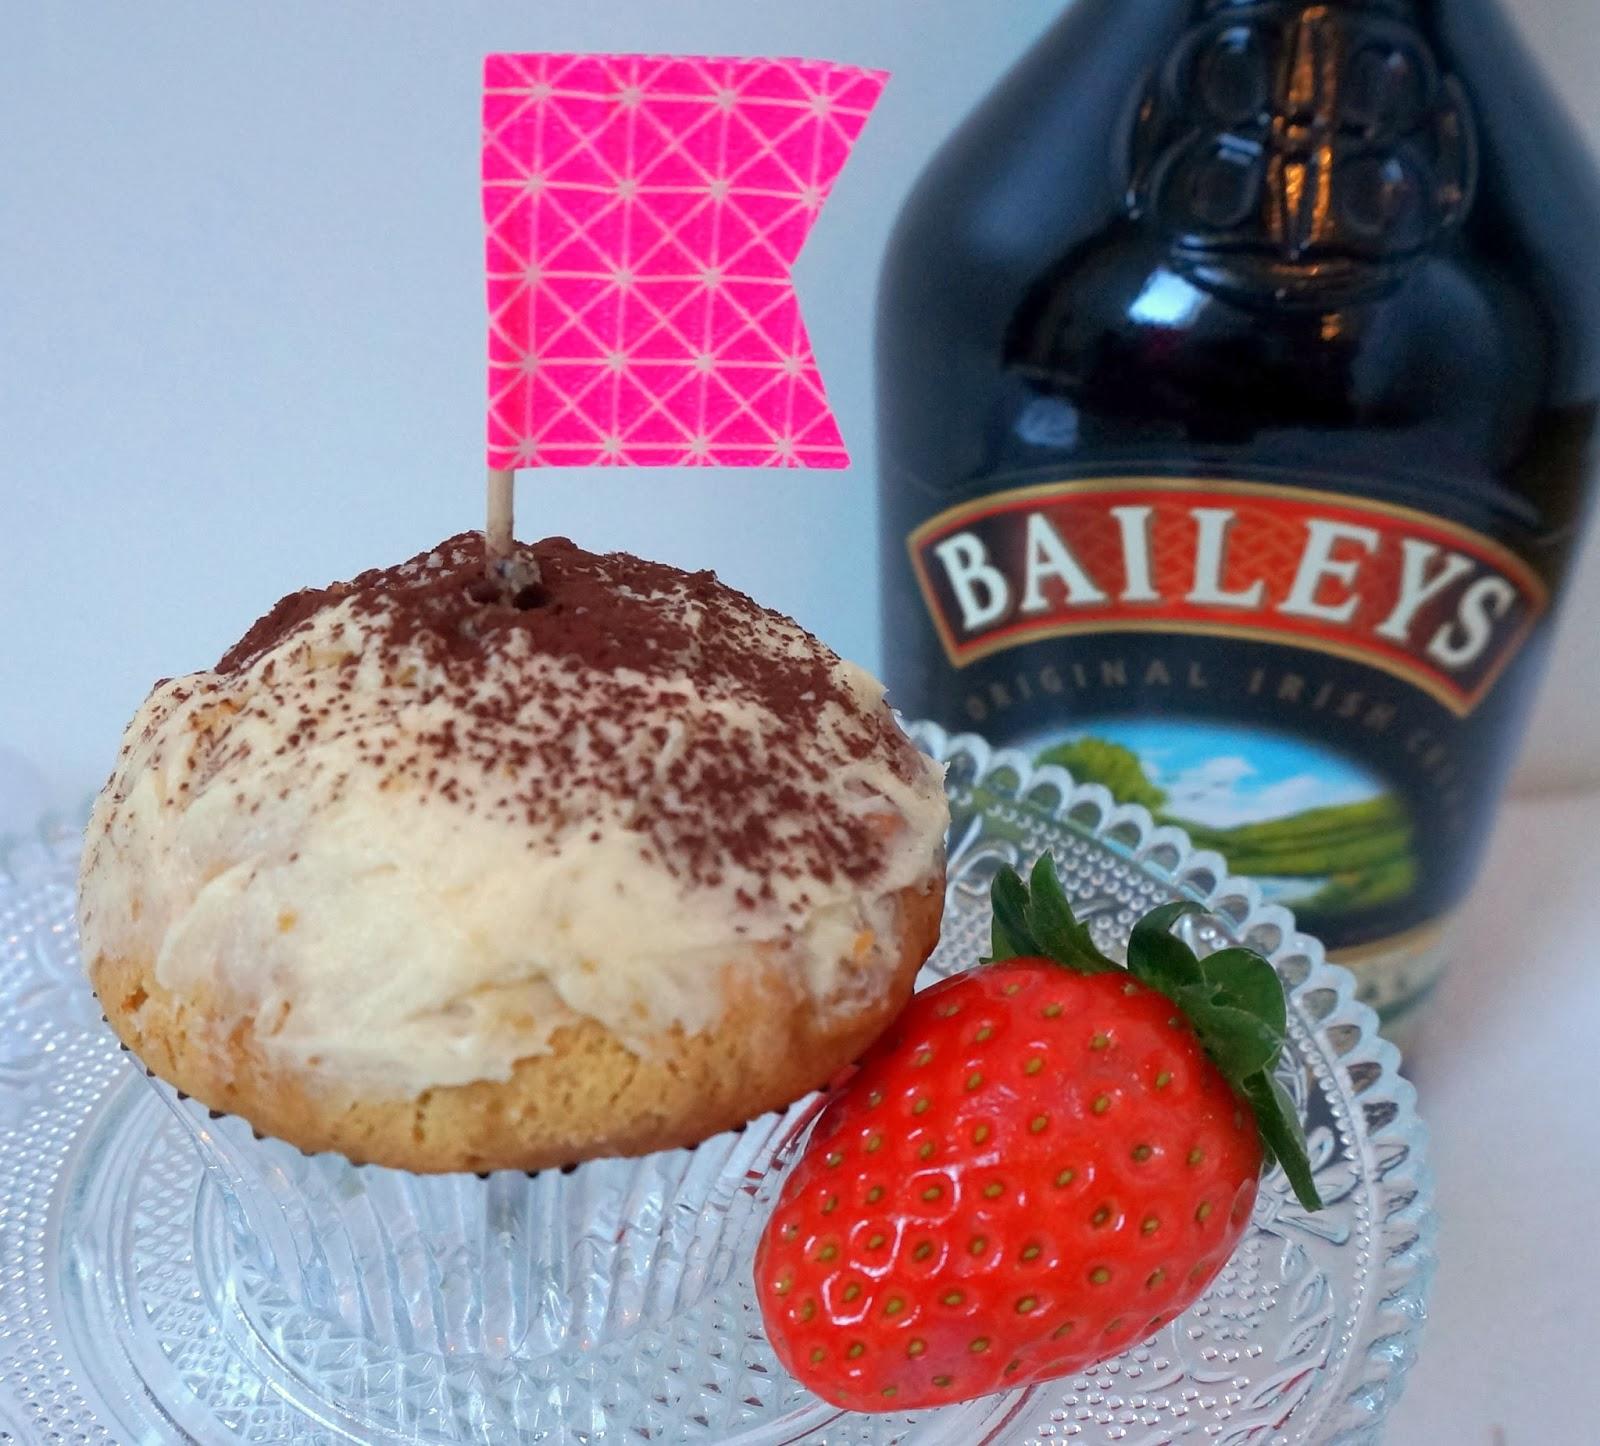 Baileys du de leche trés leche Cupcake Cupcakes Erdbeere